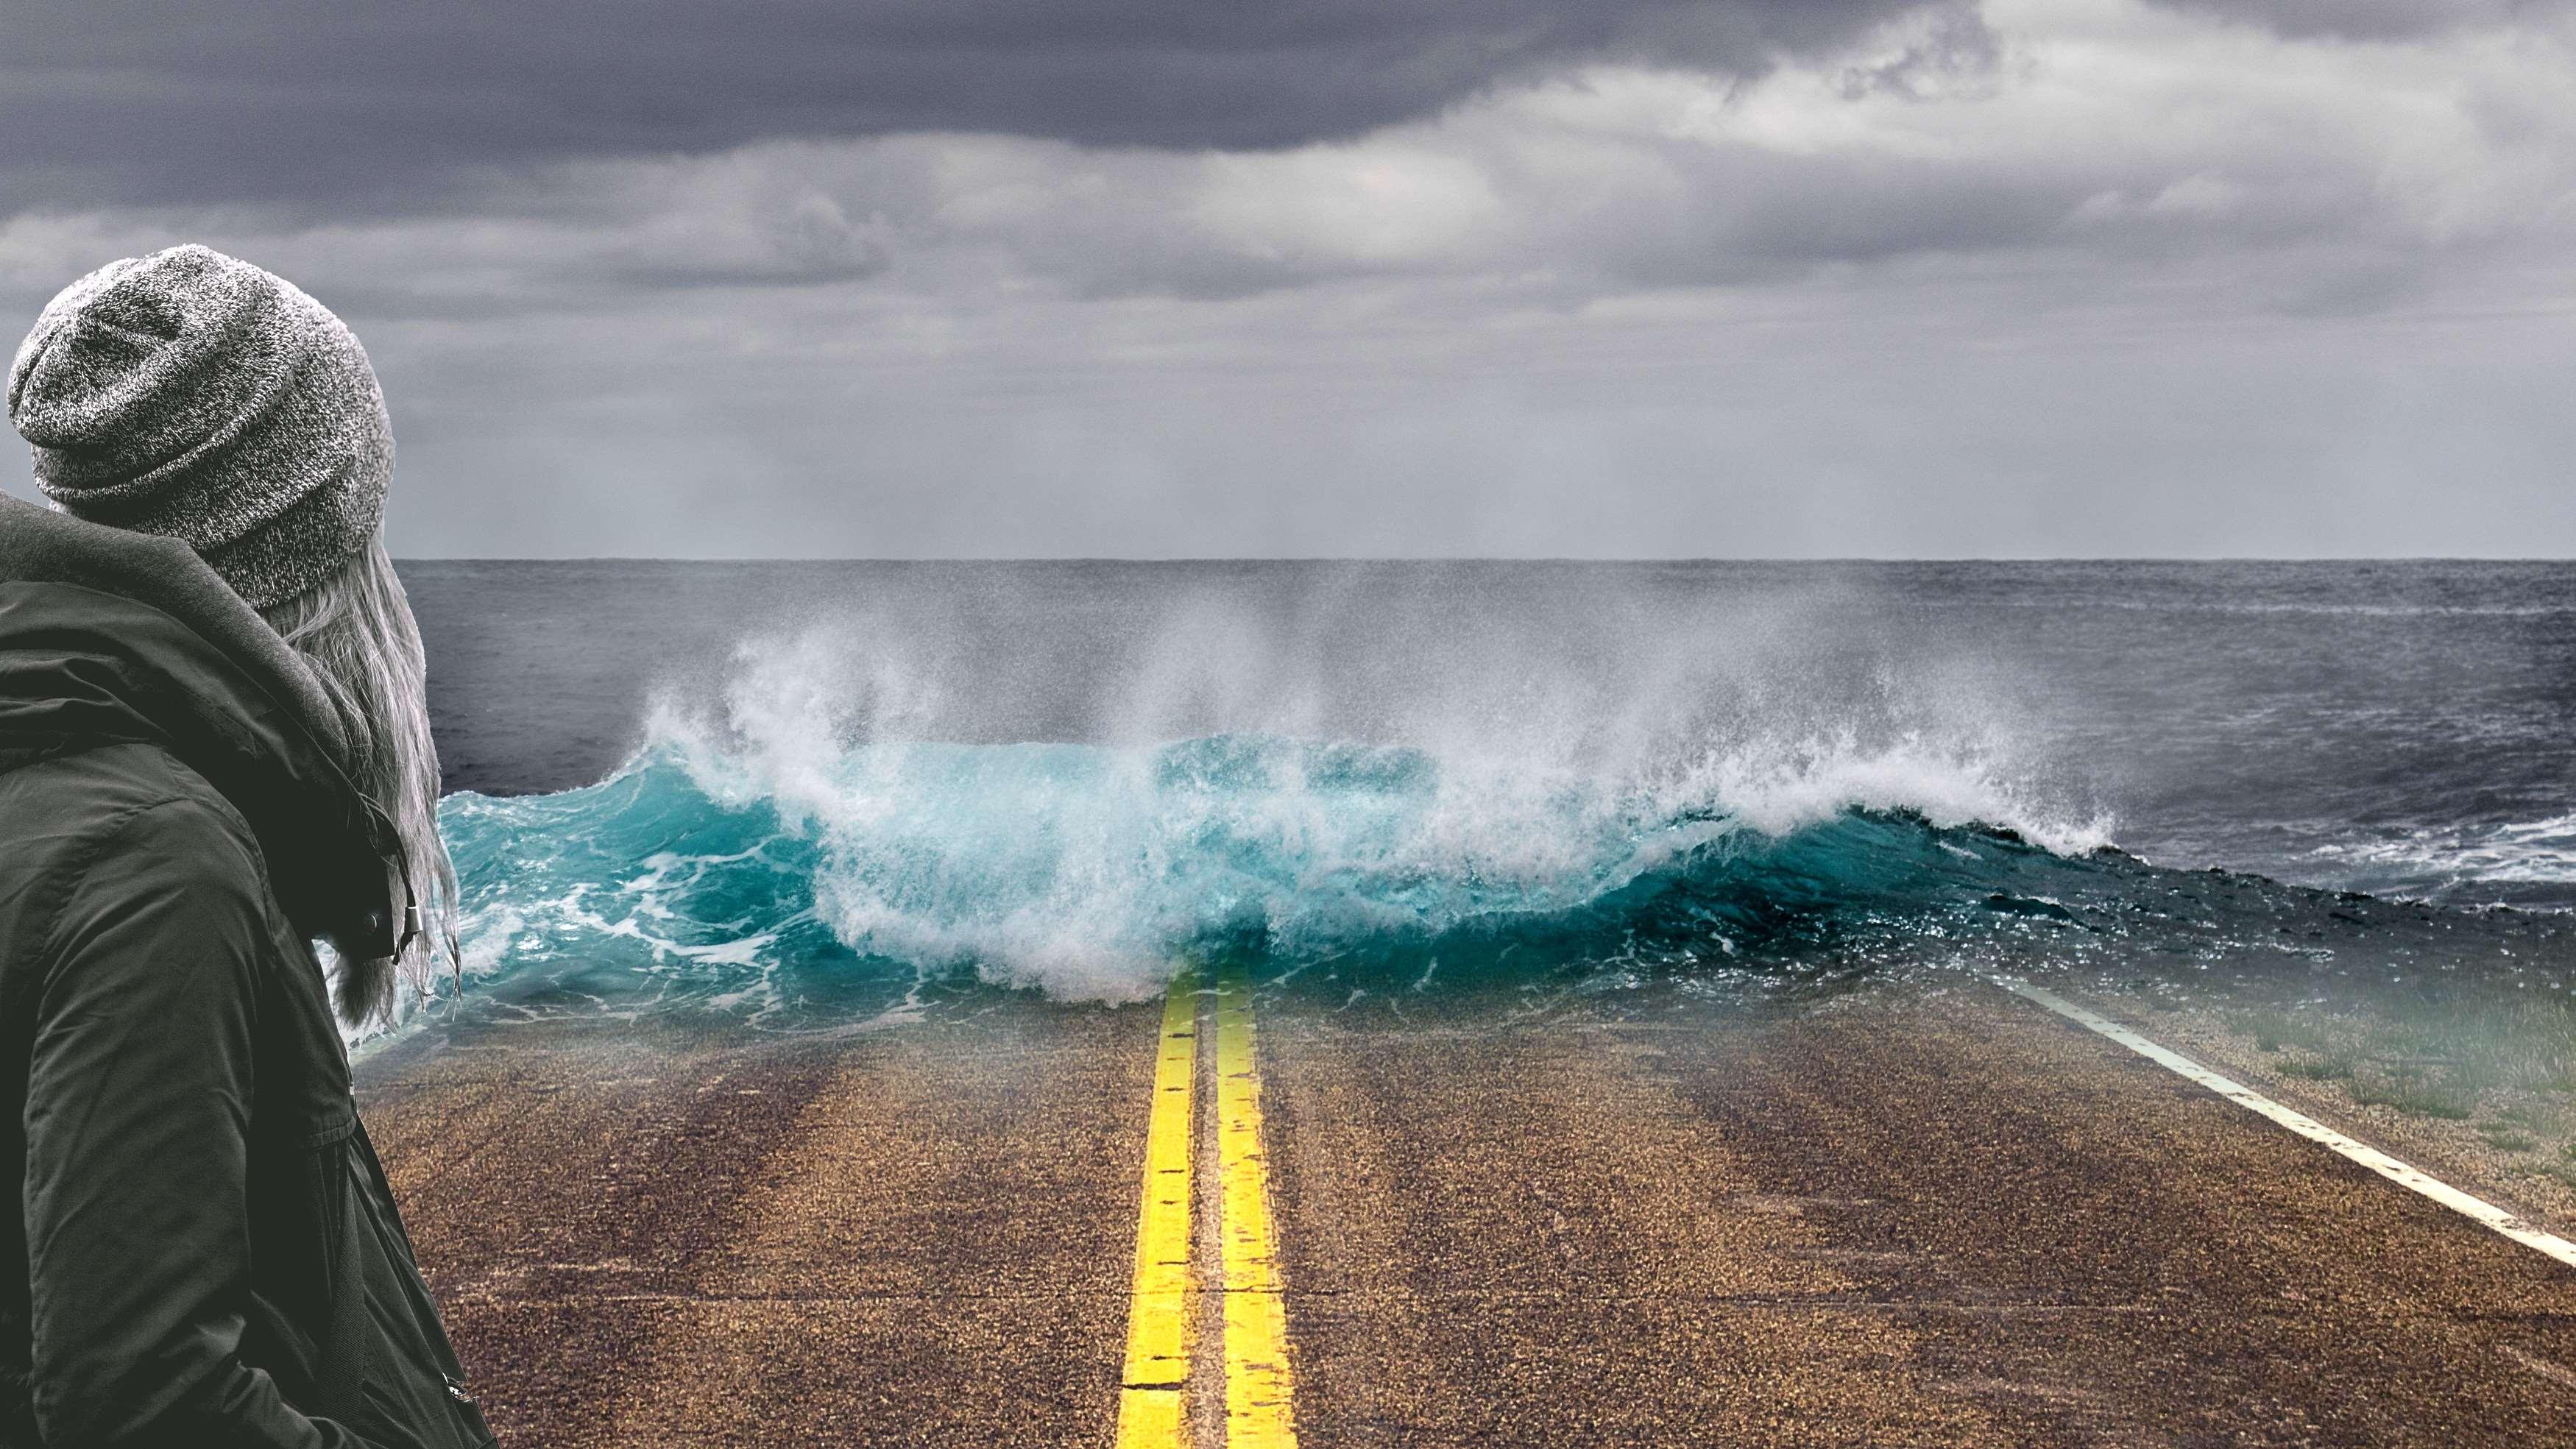 Αποτέλεσμα εικόνας για california falling into the ocean